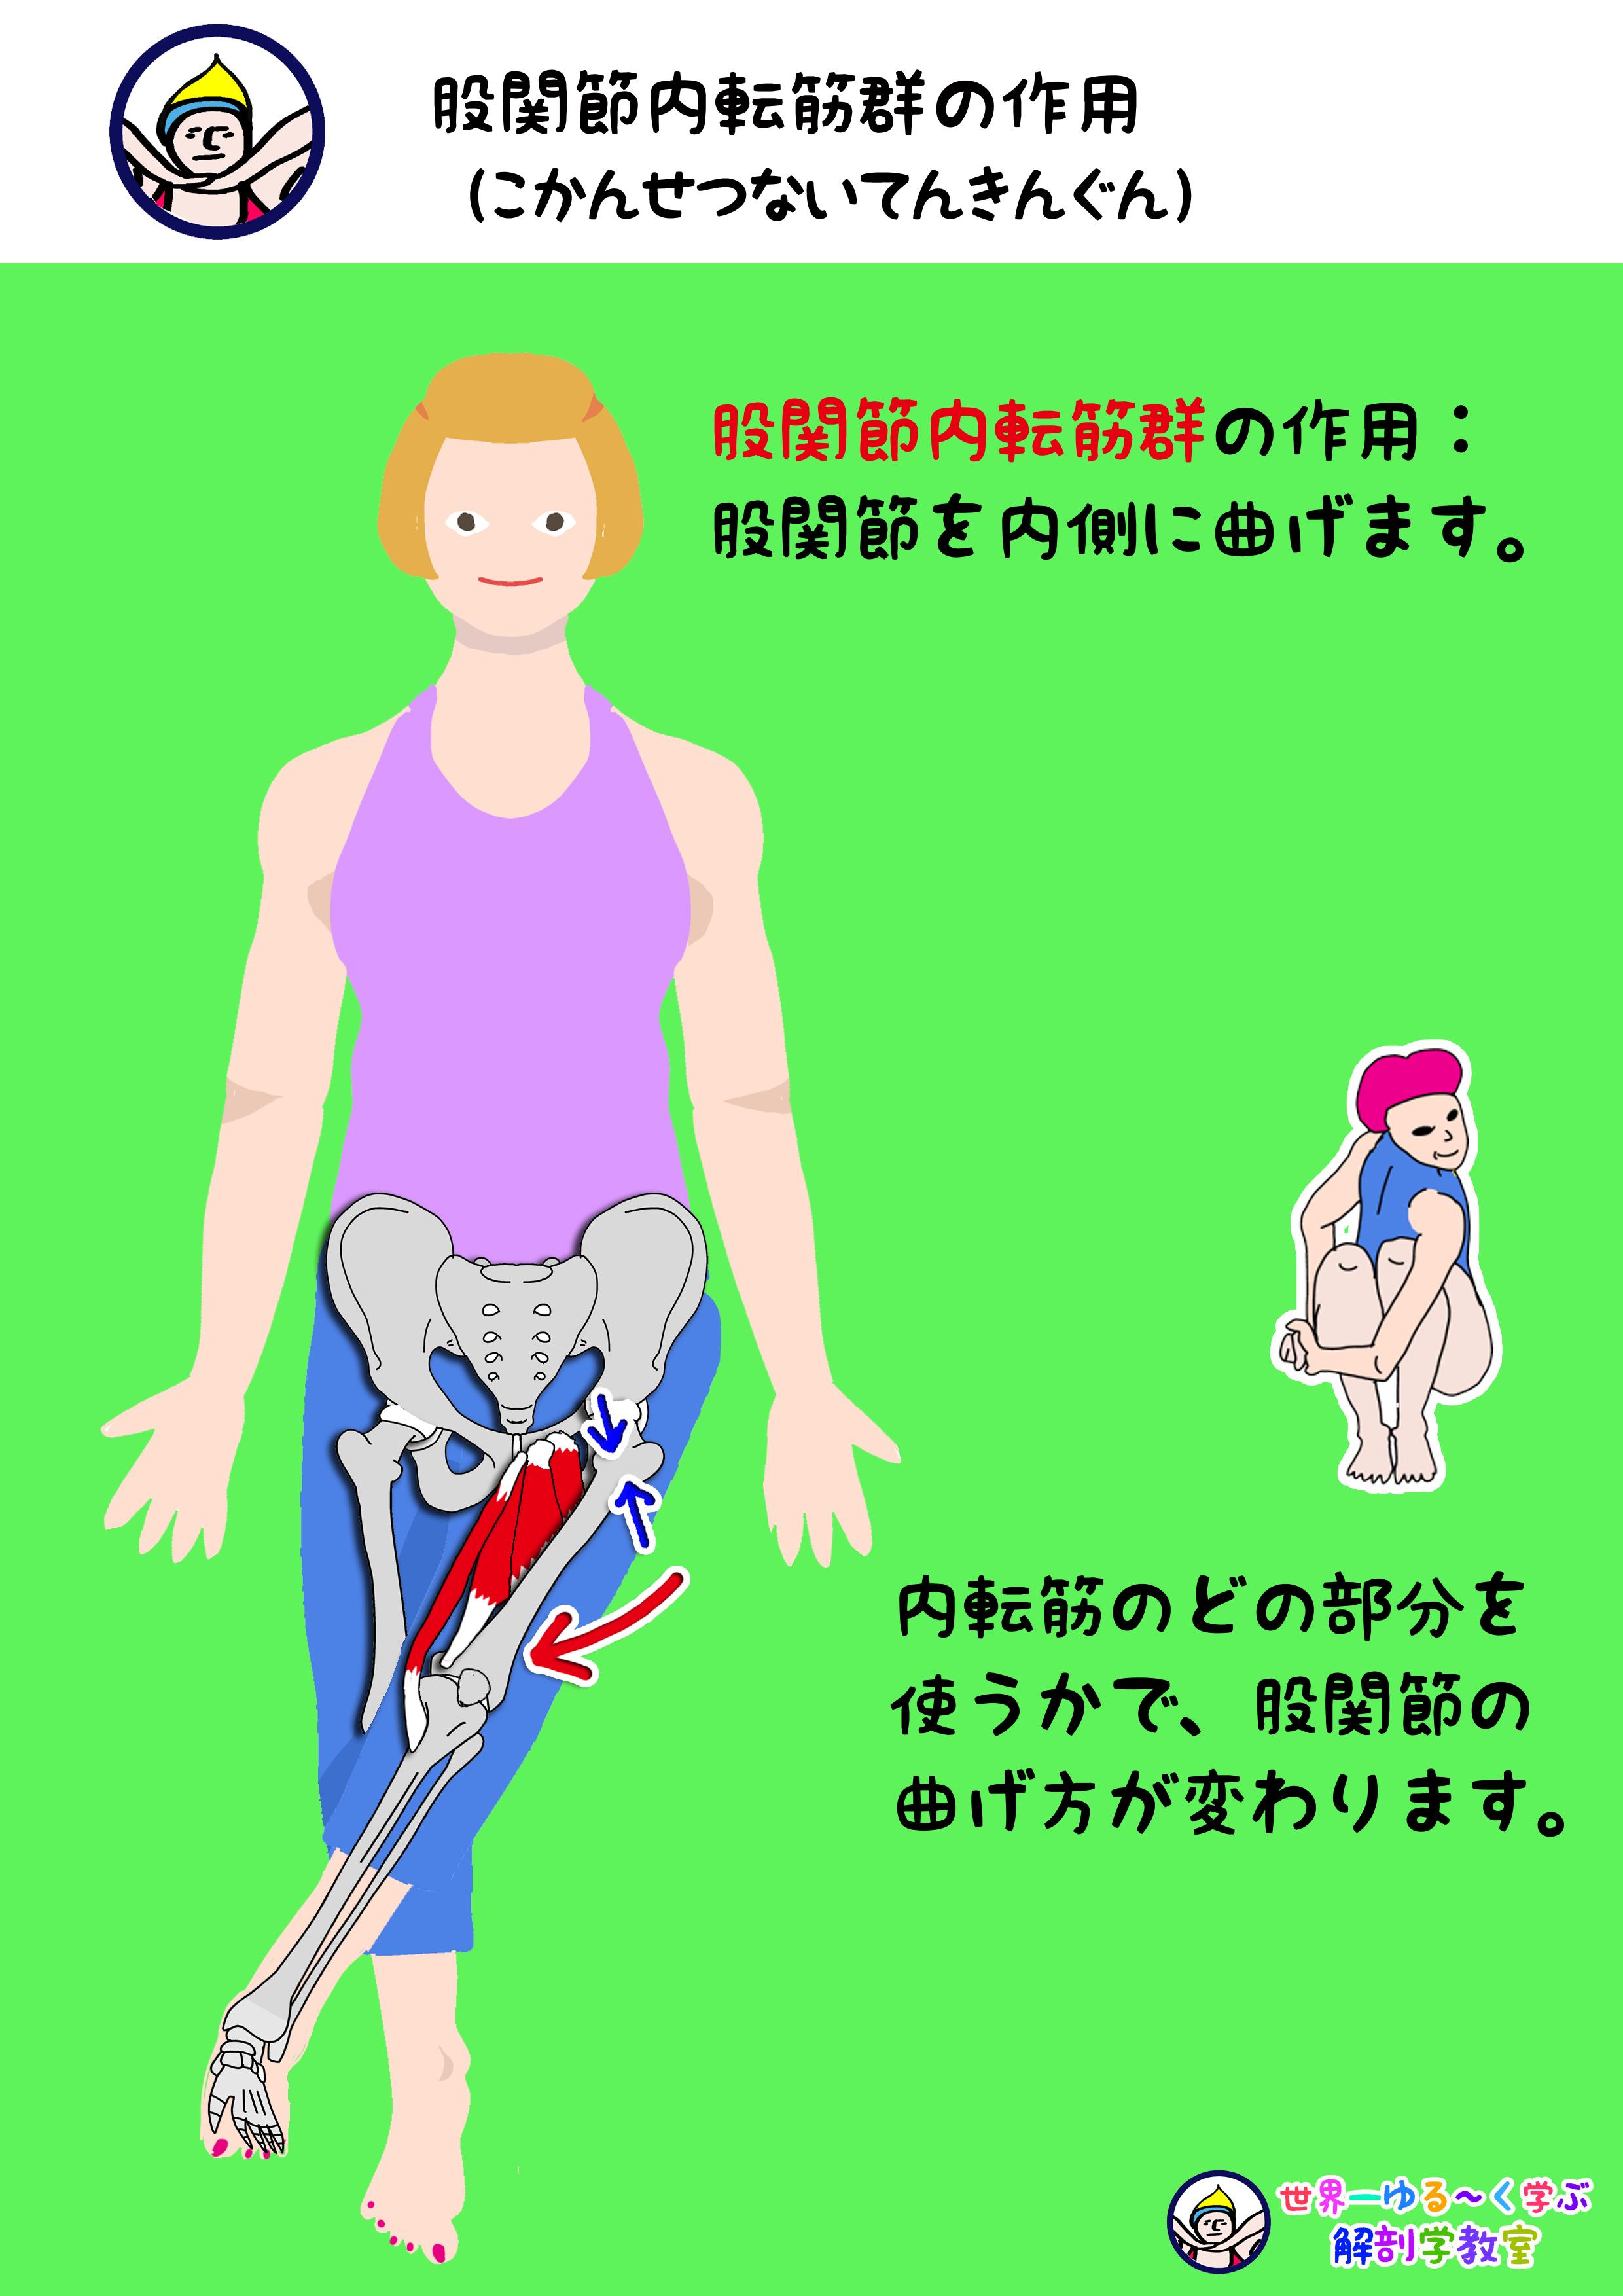 内転筋群の作用